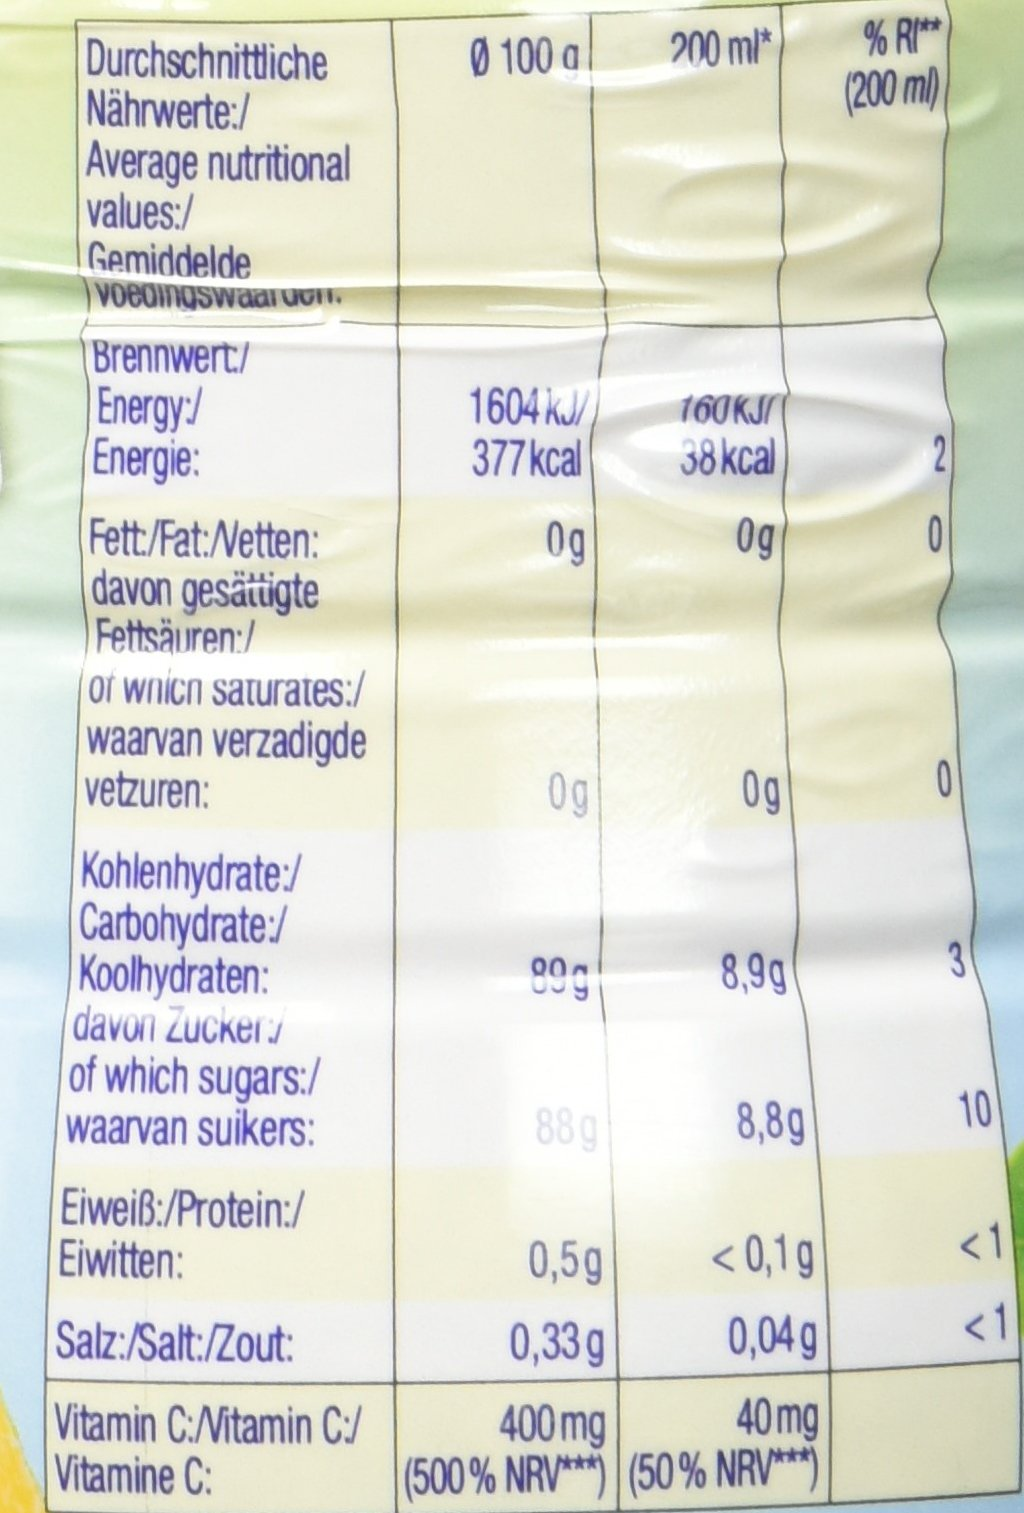 Krger-Teegetrnk-Zitrone-8-Liter-Ergiebigkeit-1er-Packung-1-x-400-g-Dose-parent